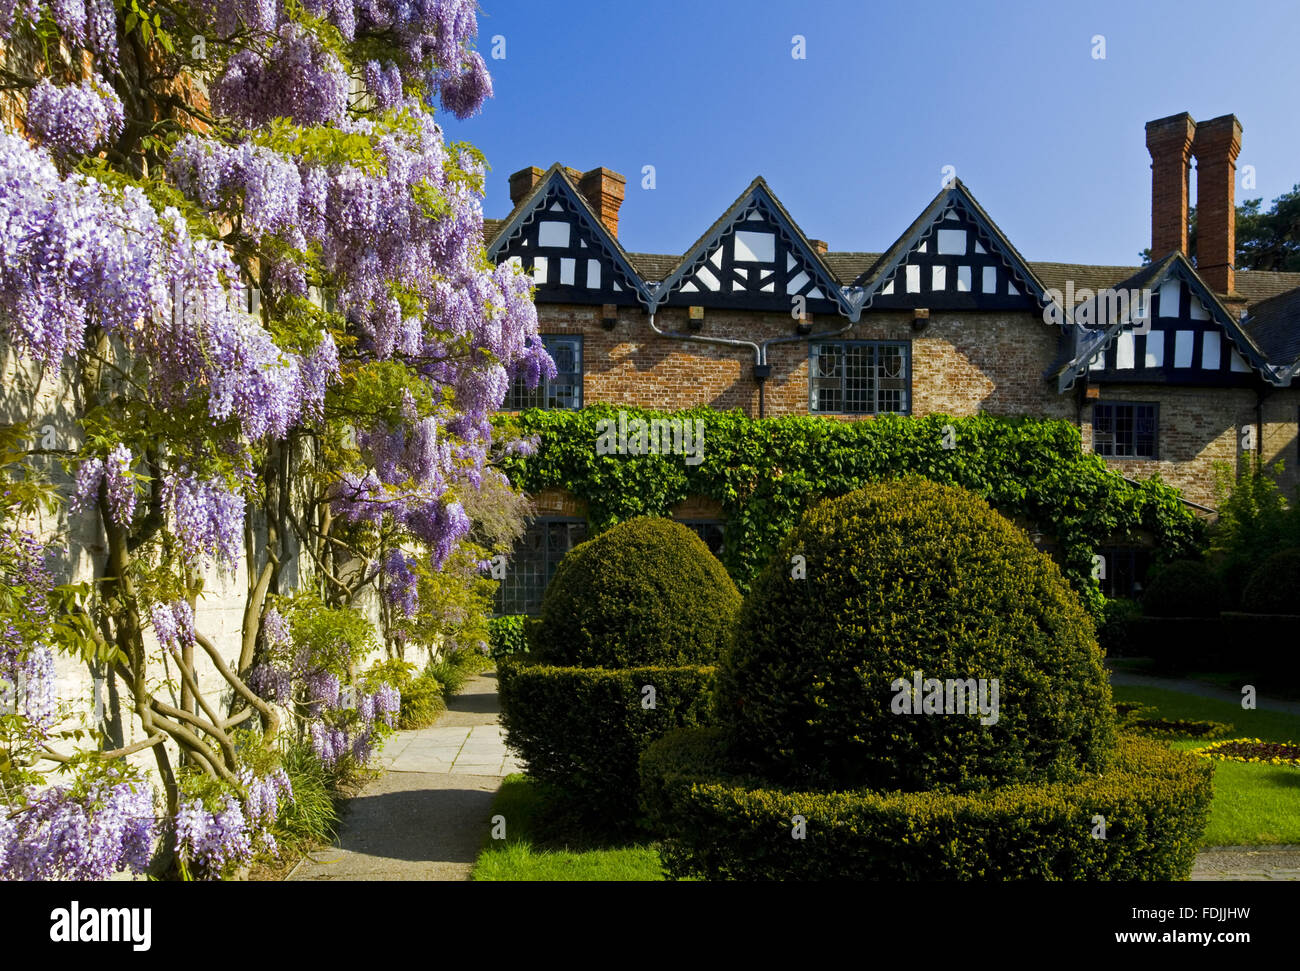 Formschnitt und Glyzinien im Hof im Mai um Baddesley Clinton, Warwickshire. Stockfoto